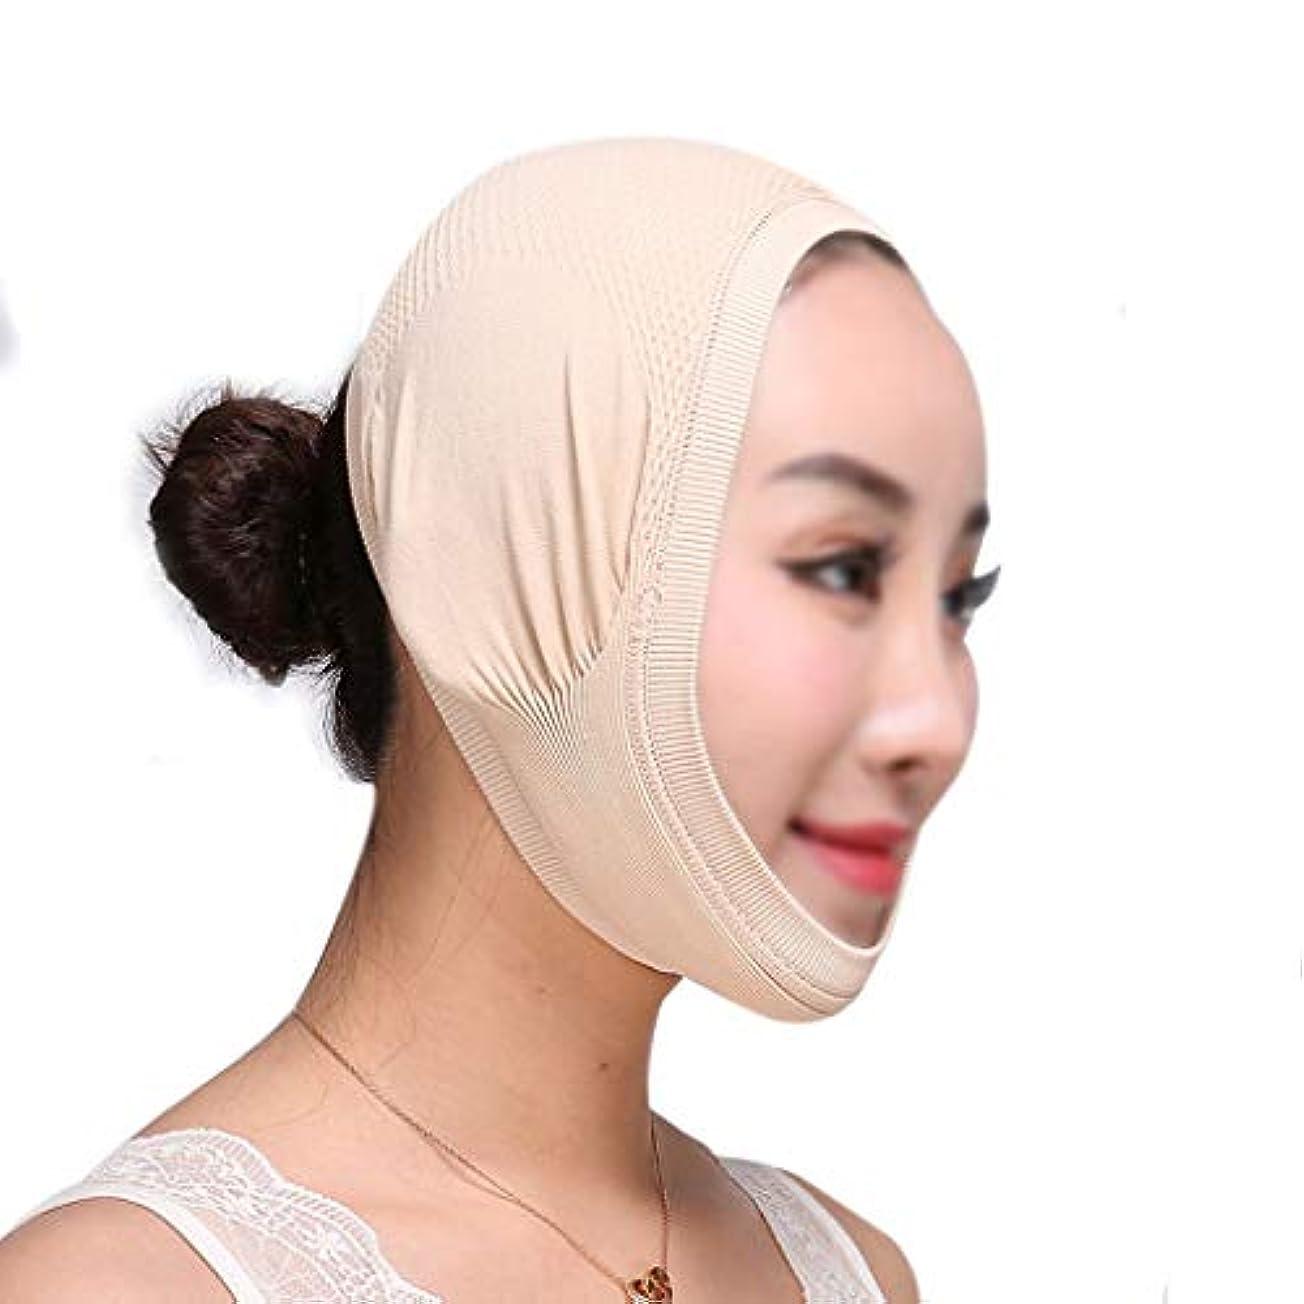 旋律的床抽象化XHLMRMJ 整形外科病院ライン彫刻術後回復ヘッドギア医療マスク睡眠vフェイスリフティング包帯薄いフェイスマスク (Size : Skin tone(B))